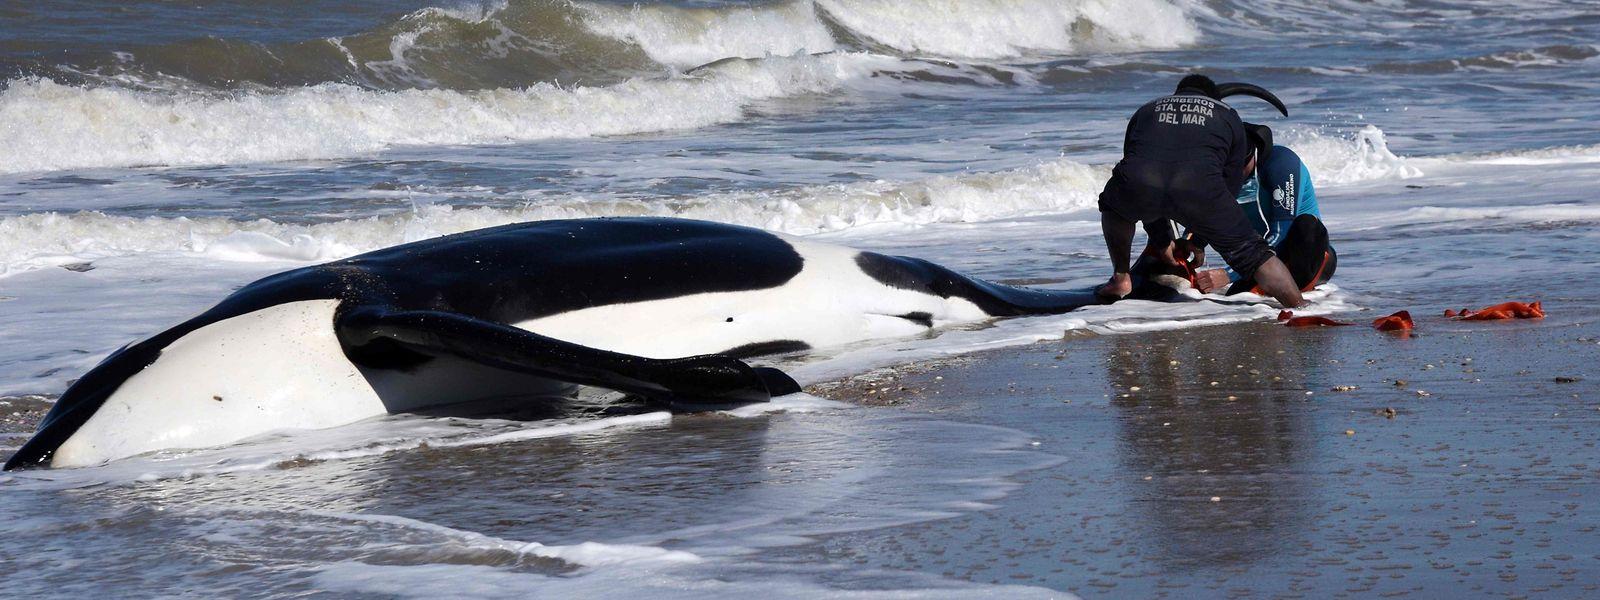 Sechs der sieben gestrandeten Orcas konnten gerettet werden.